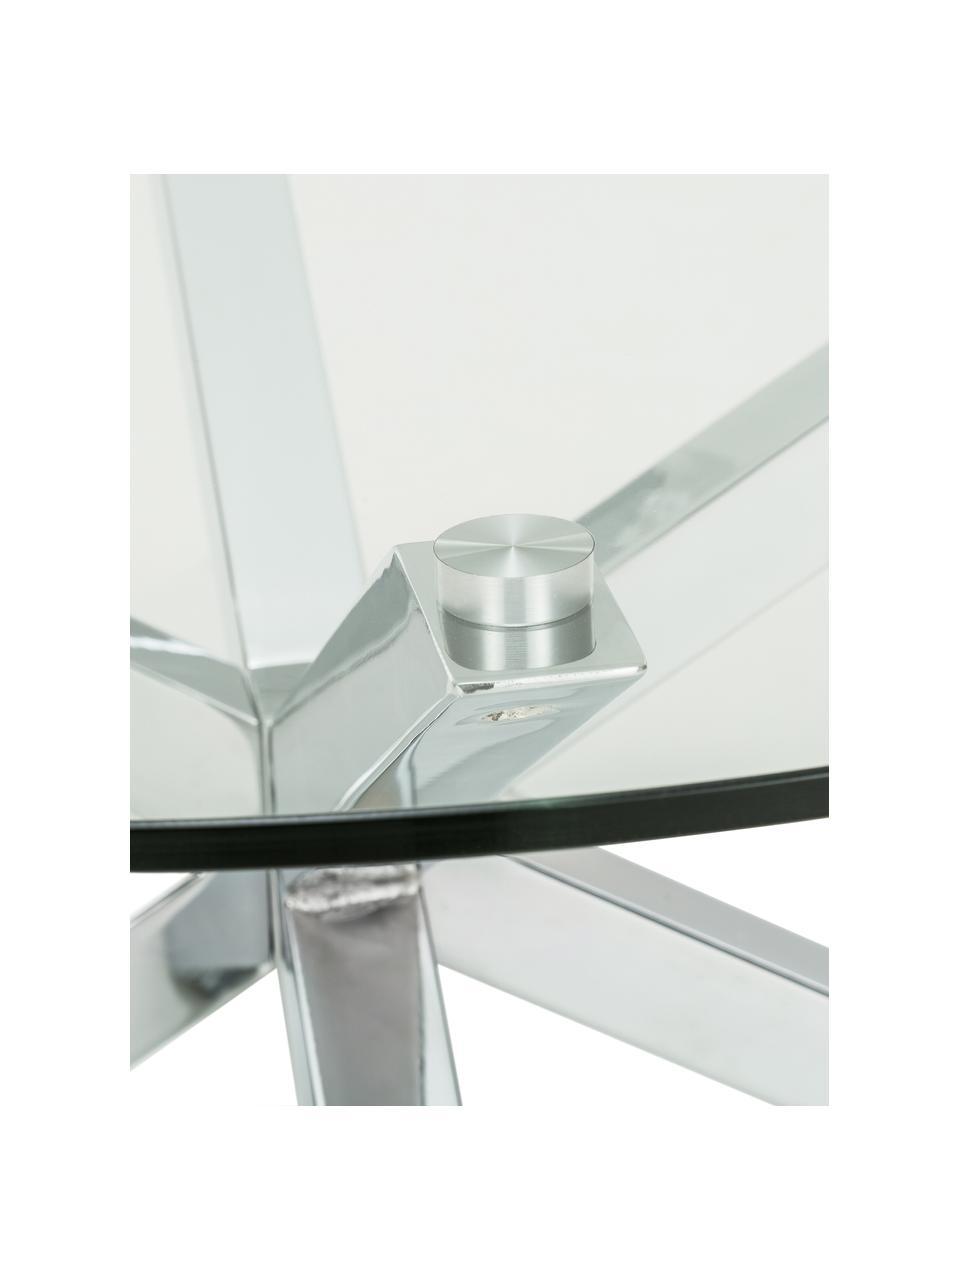 Tavolino da salotto in metallo con piano in vetro Emilie, Piano d'appoggio: vetro, Gambe: metallo cromato, Trasparente, cromo, Ø 82 x Alt. 40 cm